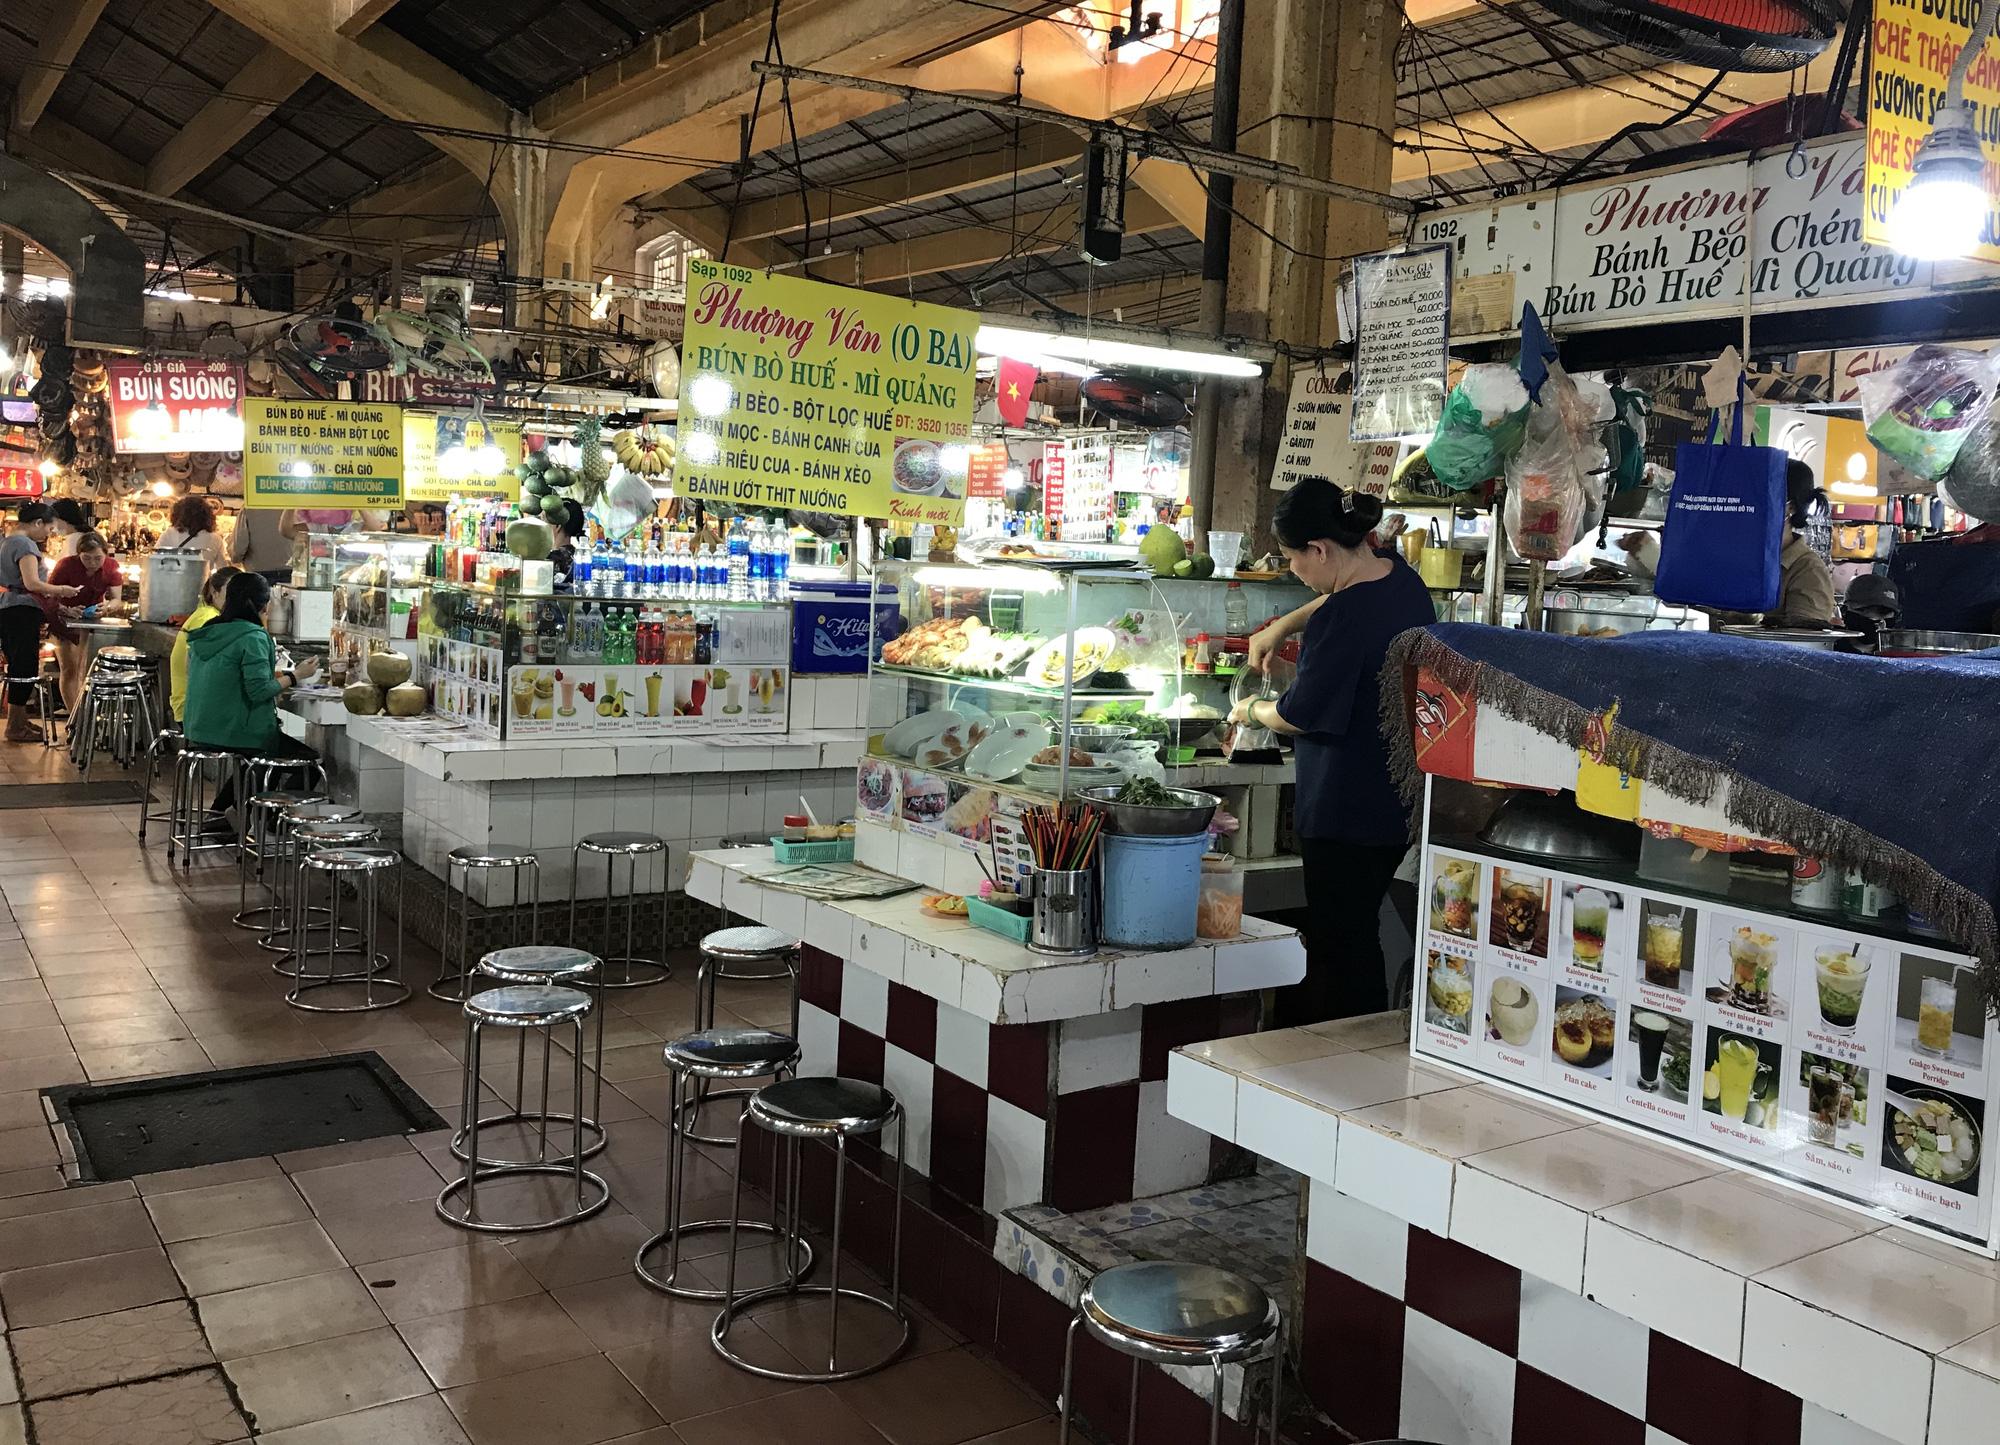 Chợ Bến Thành, Saigon Square ế chưa từng thấy, có tiểu thương đóng cửa, sang sạp vì virus corona - Ảnh 8.